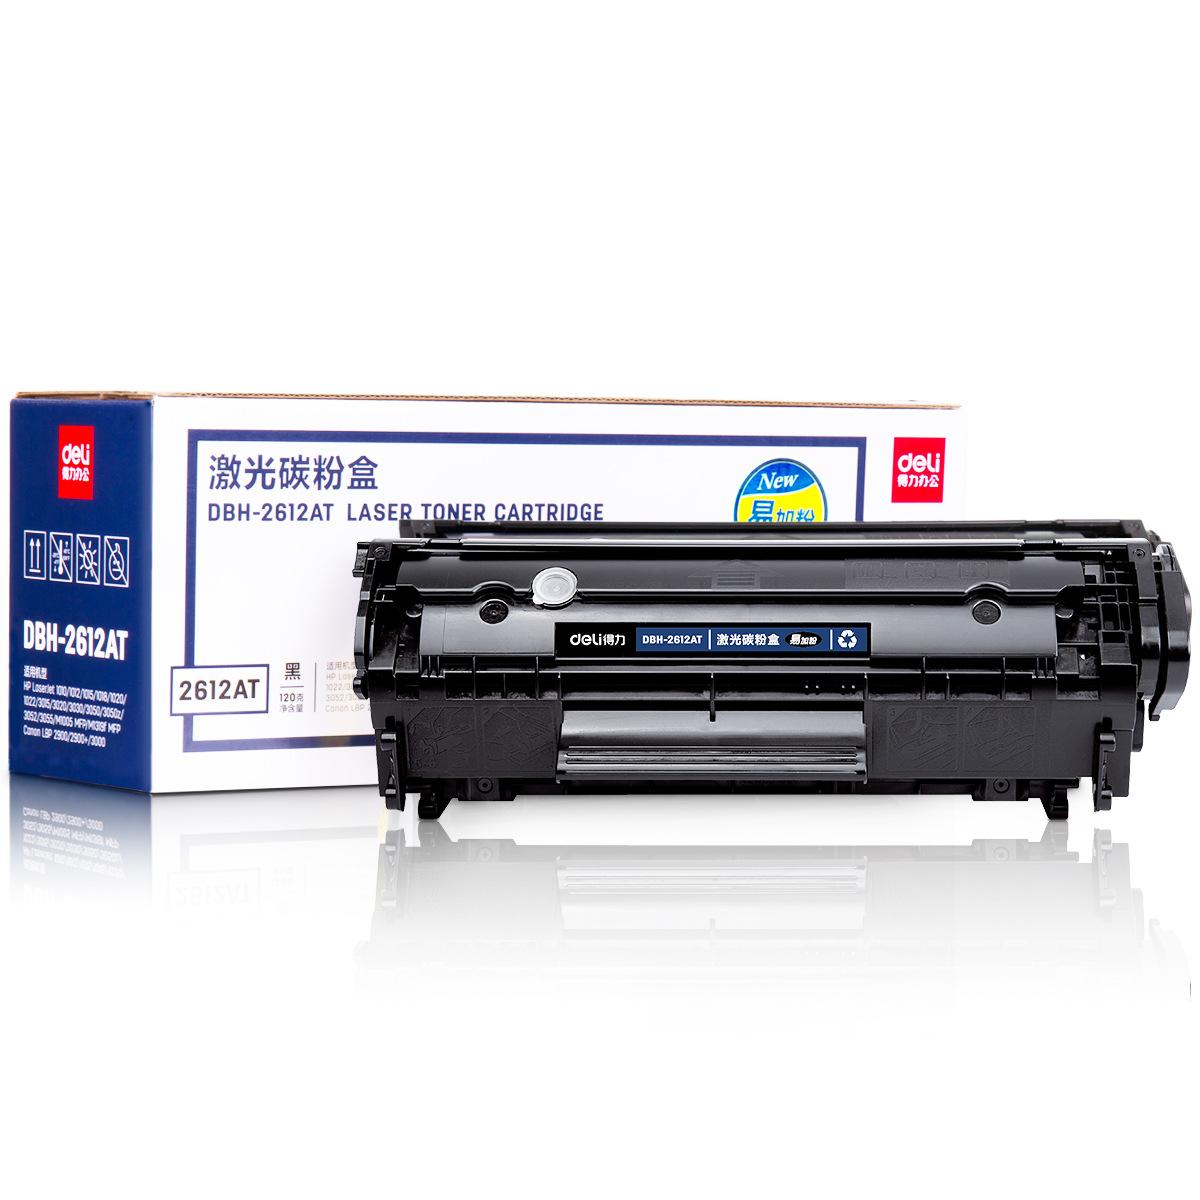 DELI Hộp mực Laser văn phòng mạnh mẽ DBH-2612AT Máy in Laser Hộp mực HP1020 HP1005 HP10